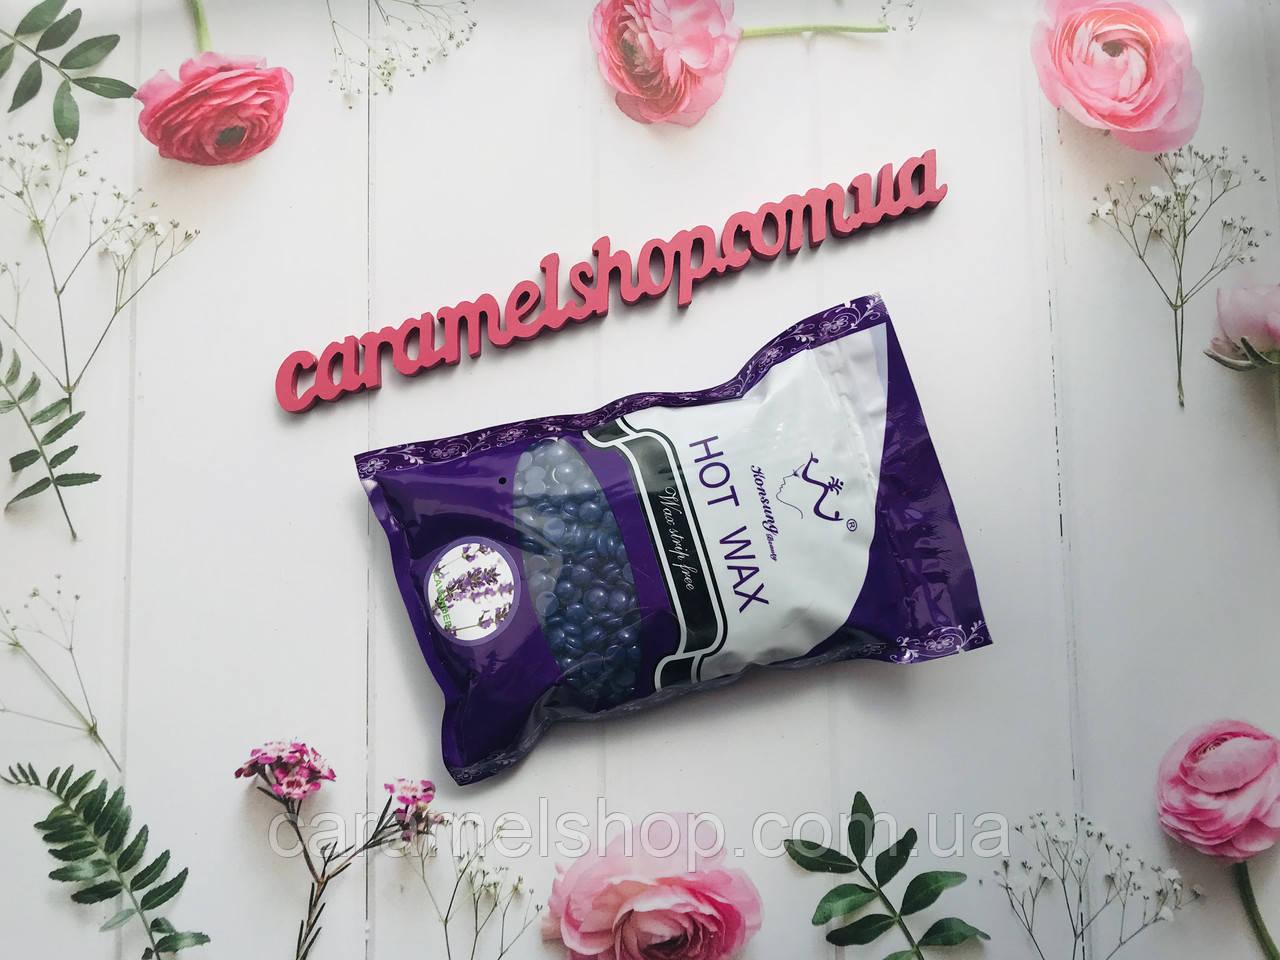 Воск пленочный низкотемпературный Konsung Hot Wax в гранулах лаванда, 300 г